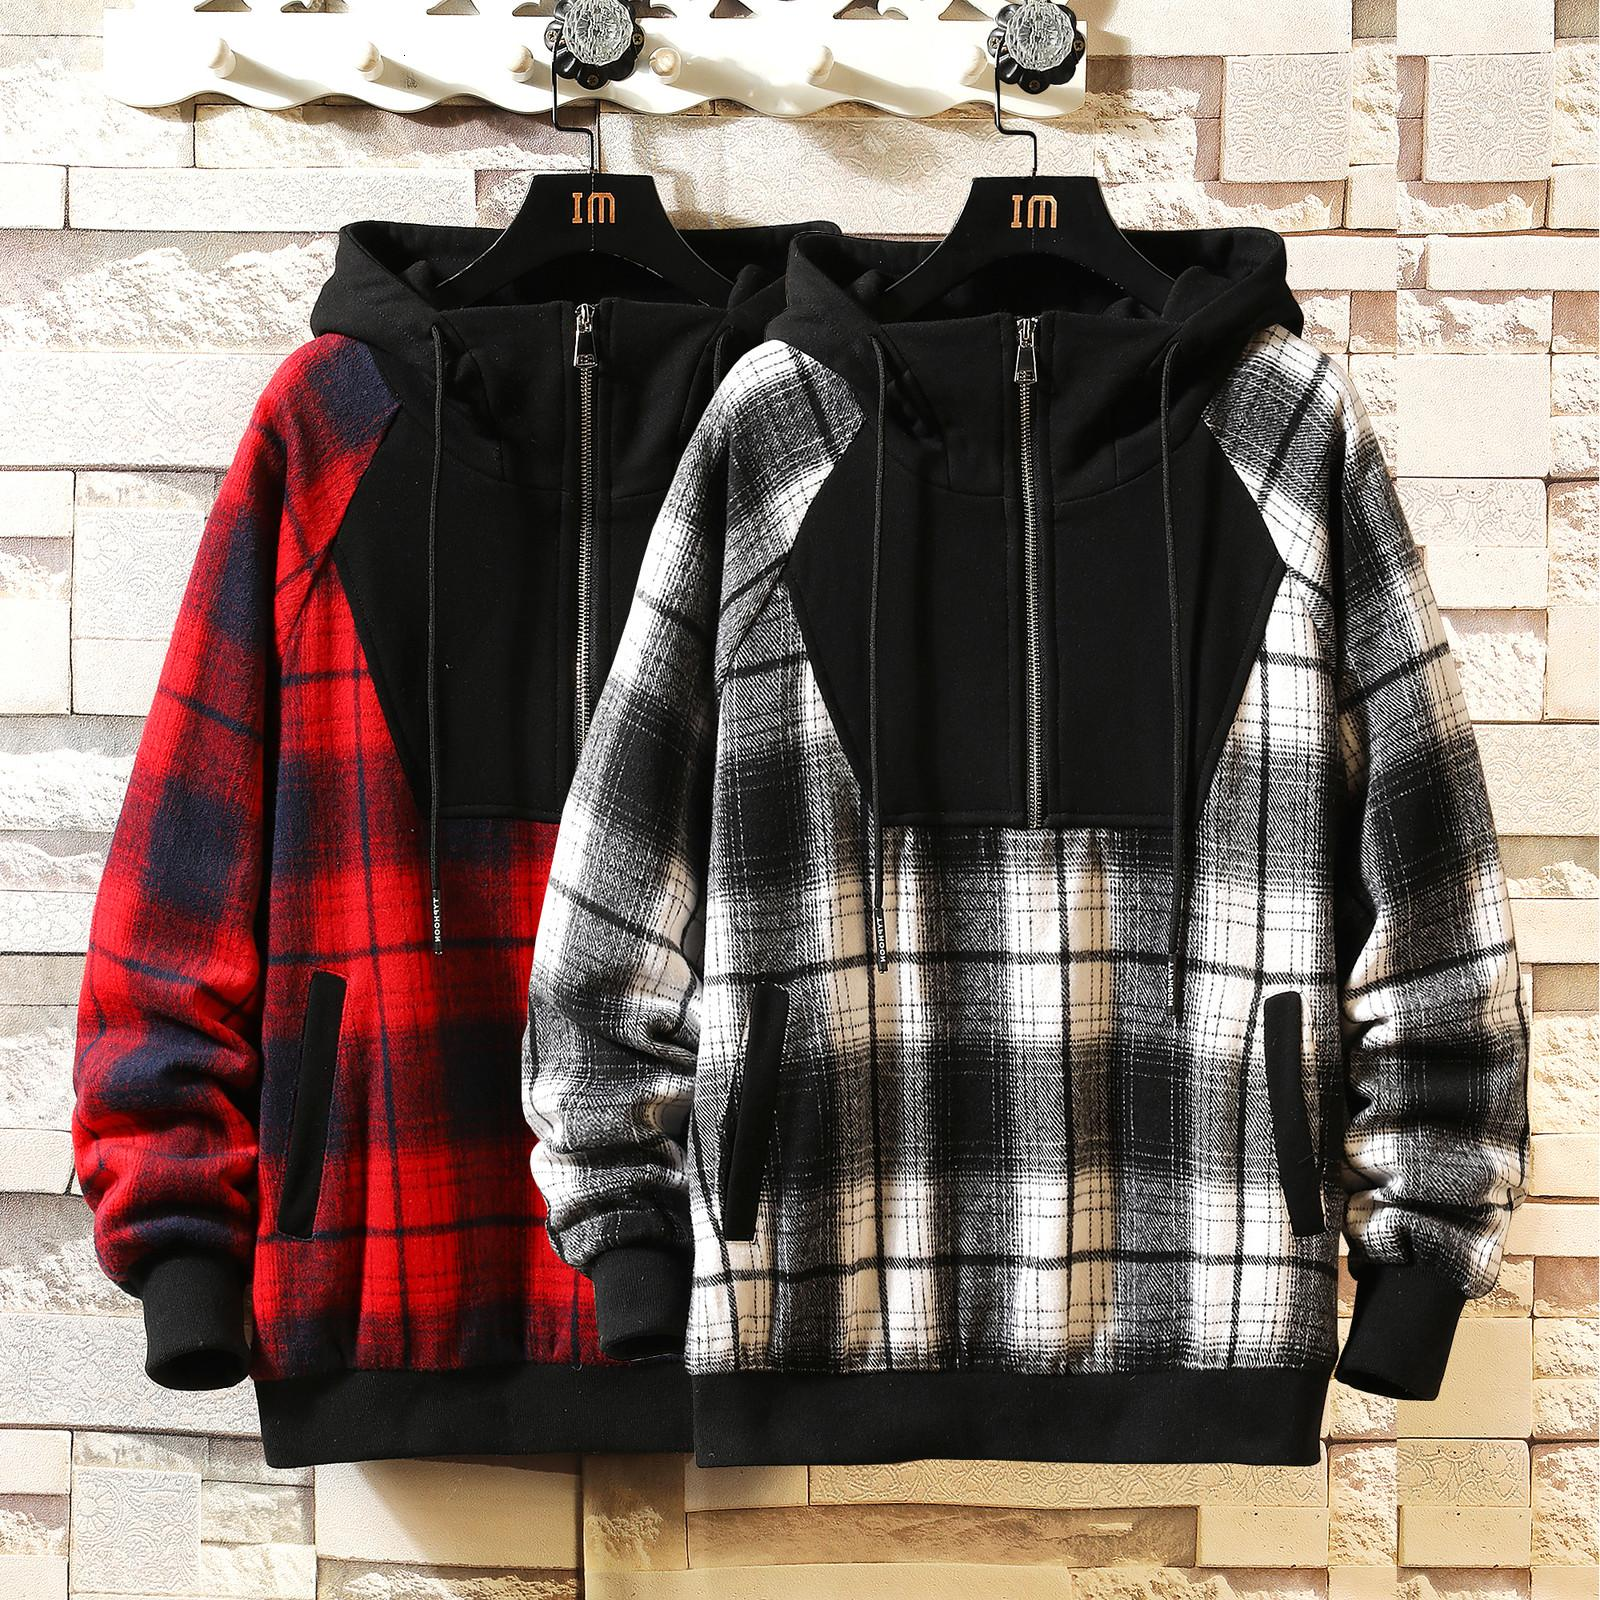 Japan Stil Casual O-Hals 2021 Frühling Herbst Plaid Hoodie Sweatshirt Herren Dicke Hip Hop Punk Streetwear Kleidung W905